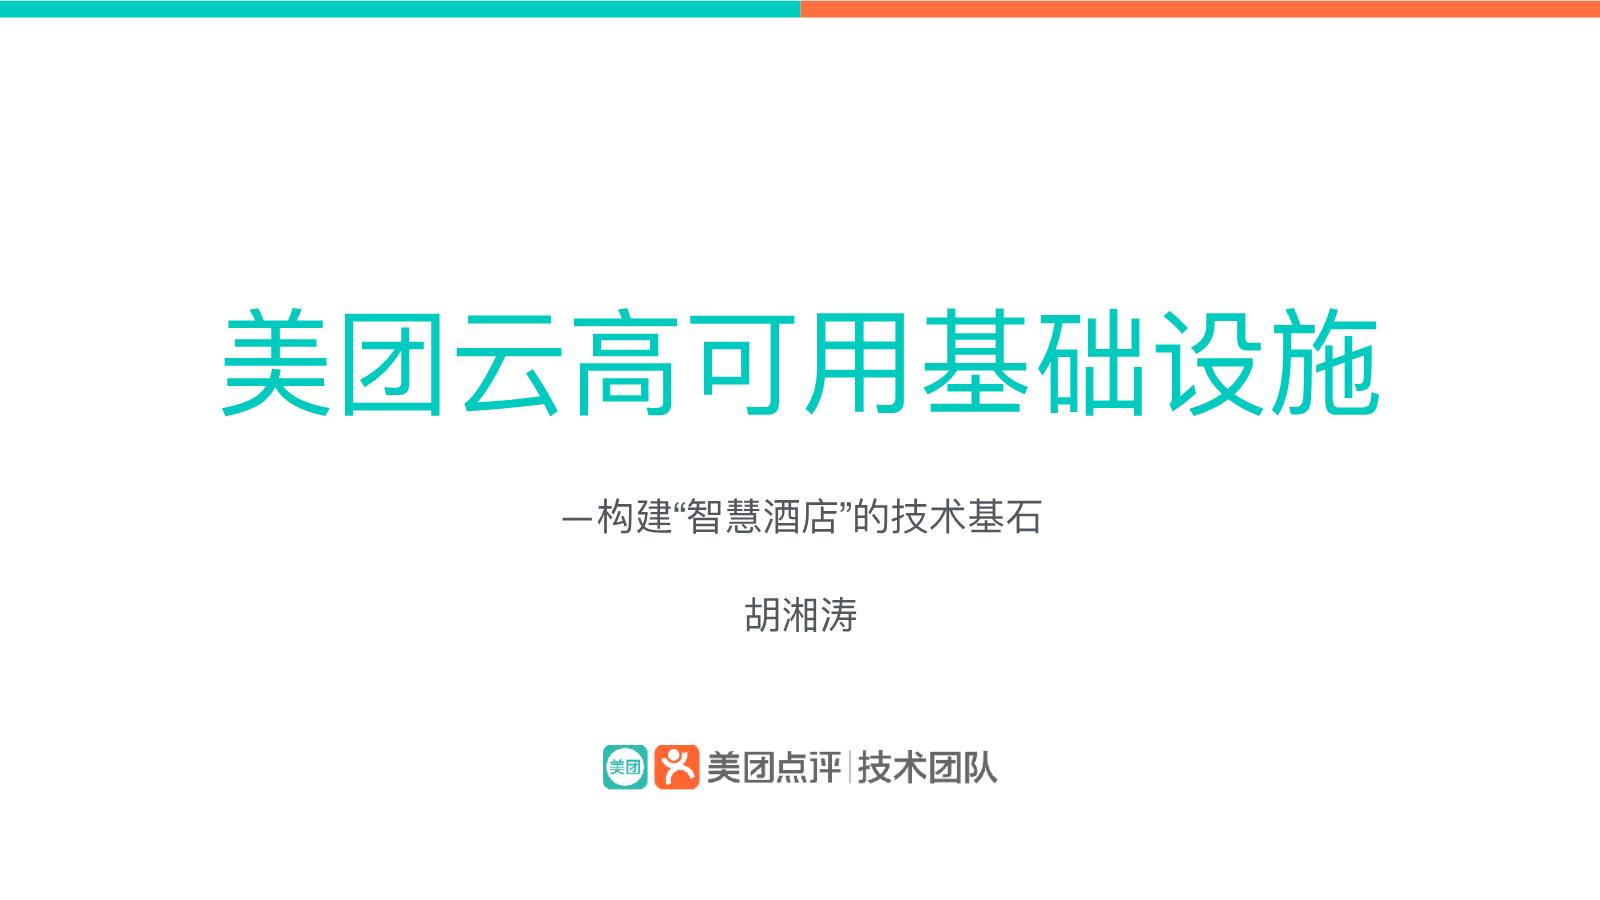 """胡湘涛-美团云高可用基础设施构建""""智慧酒店""""的技术基石"""